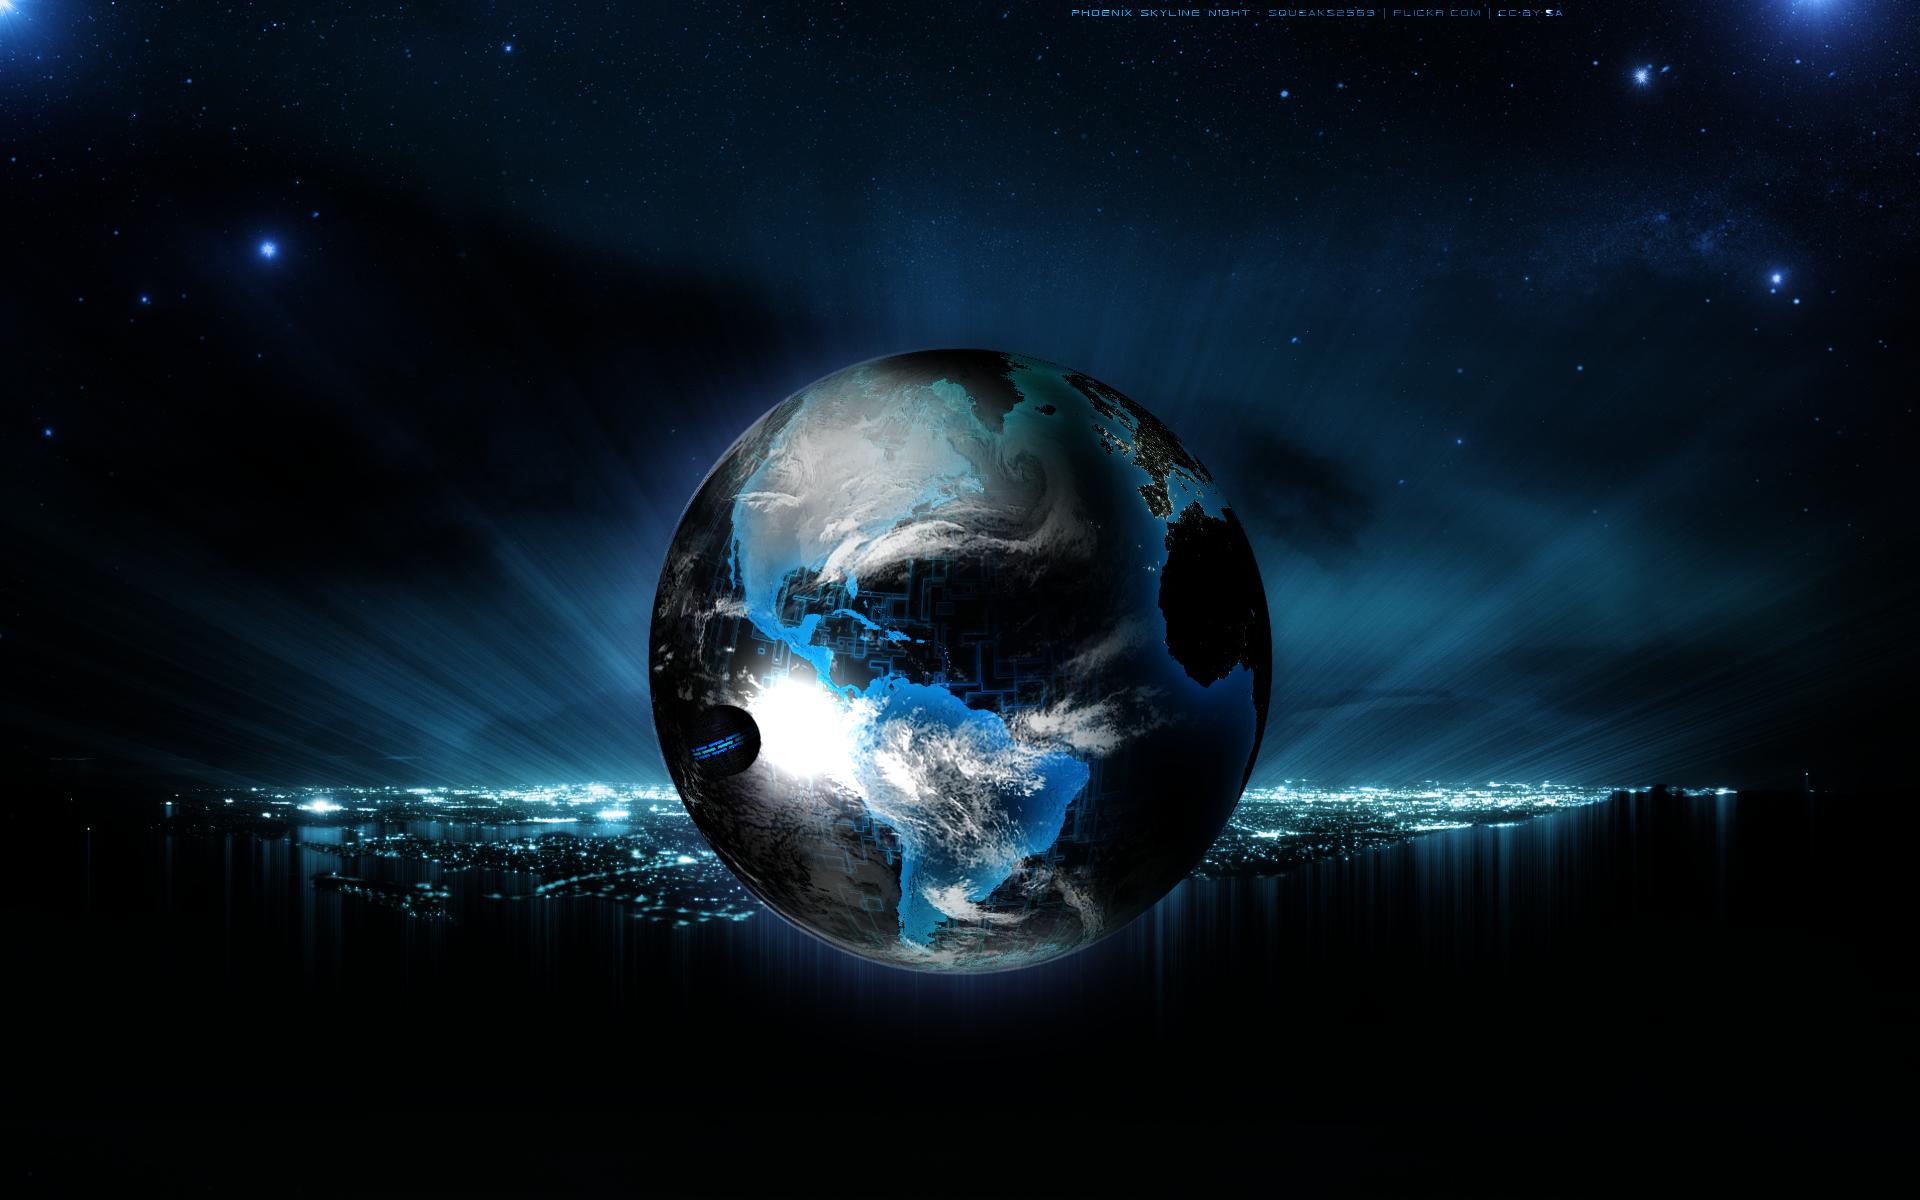 Earth Digital Art Hd Wallpaper: Wallpaper : Illustration, Digital Art, Night, Planet